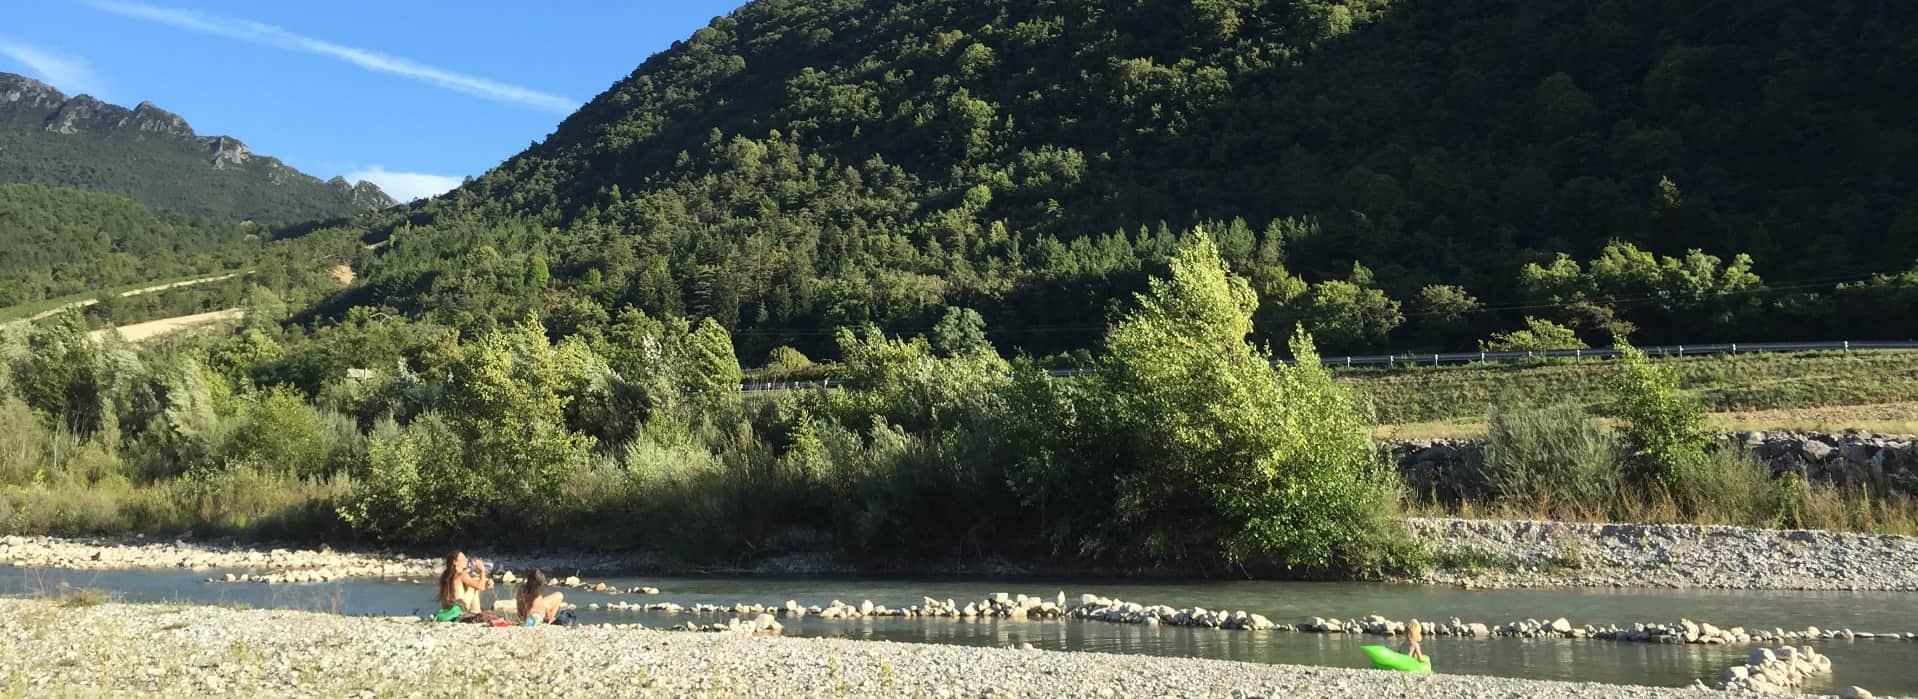 drome camping saillans baignade piscine naturelle nature